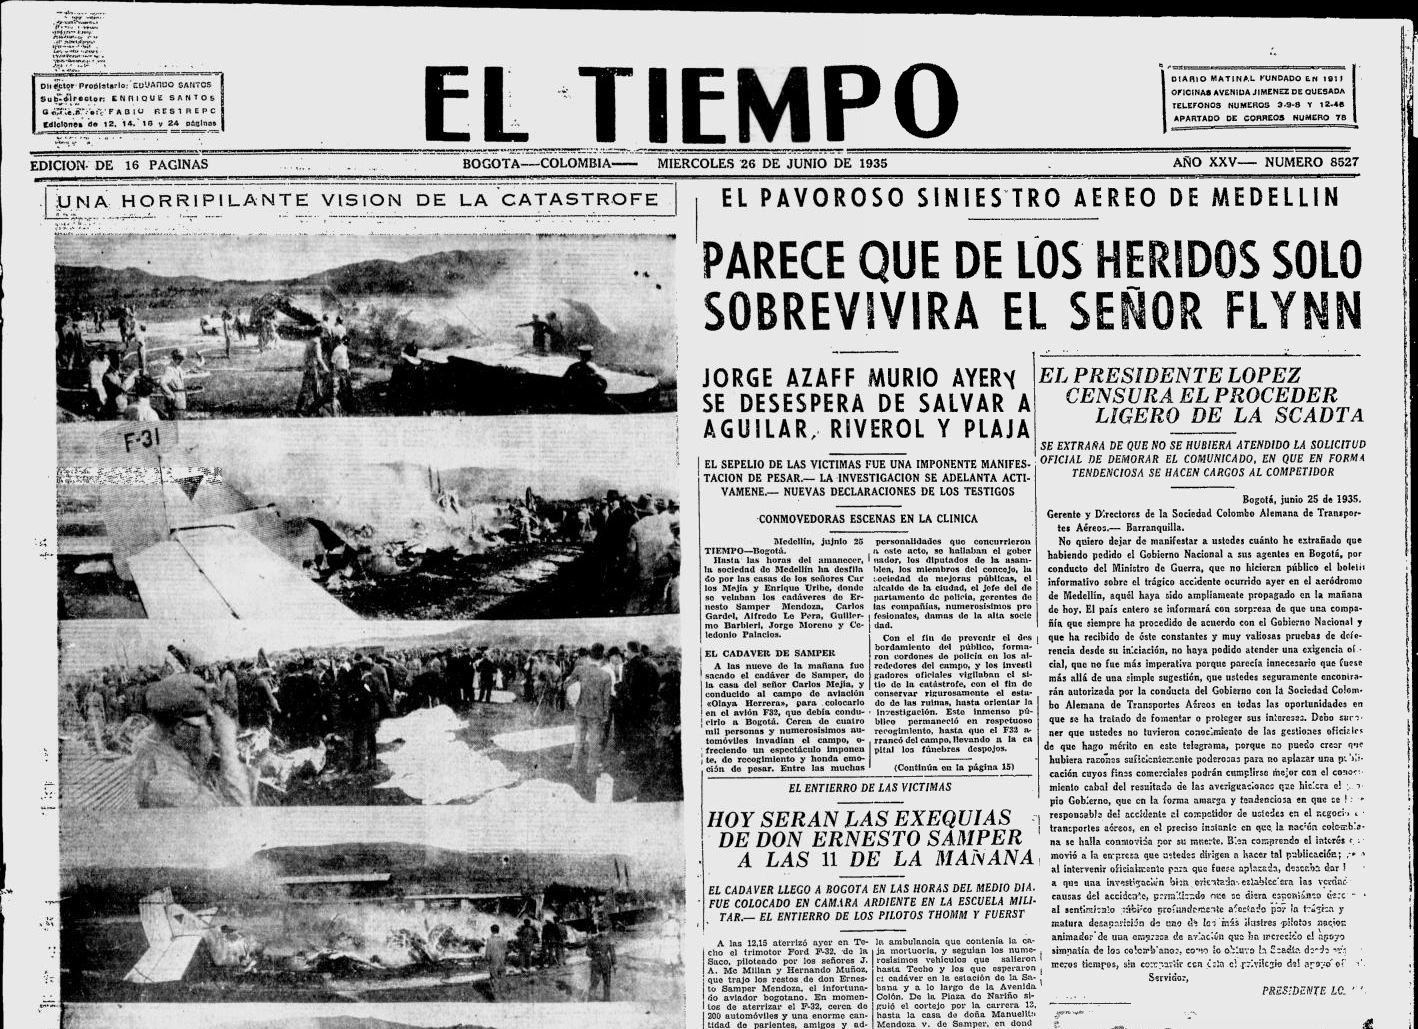 24 Junio 1935 Accidente Medellin